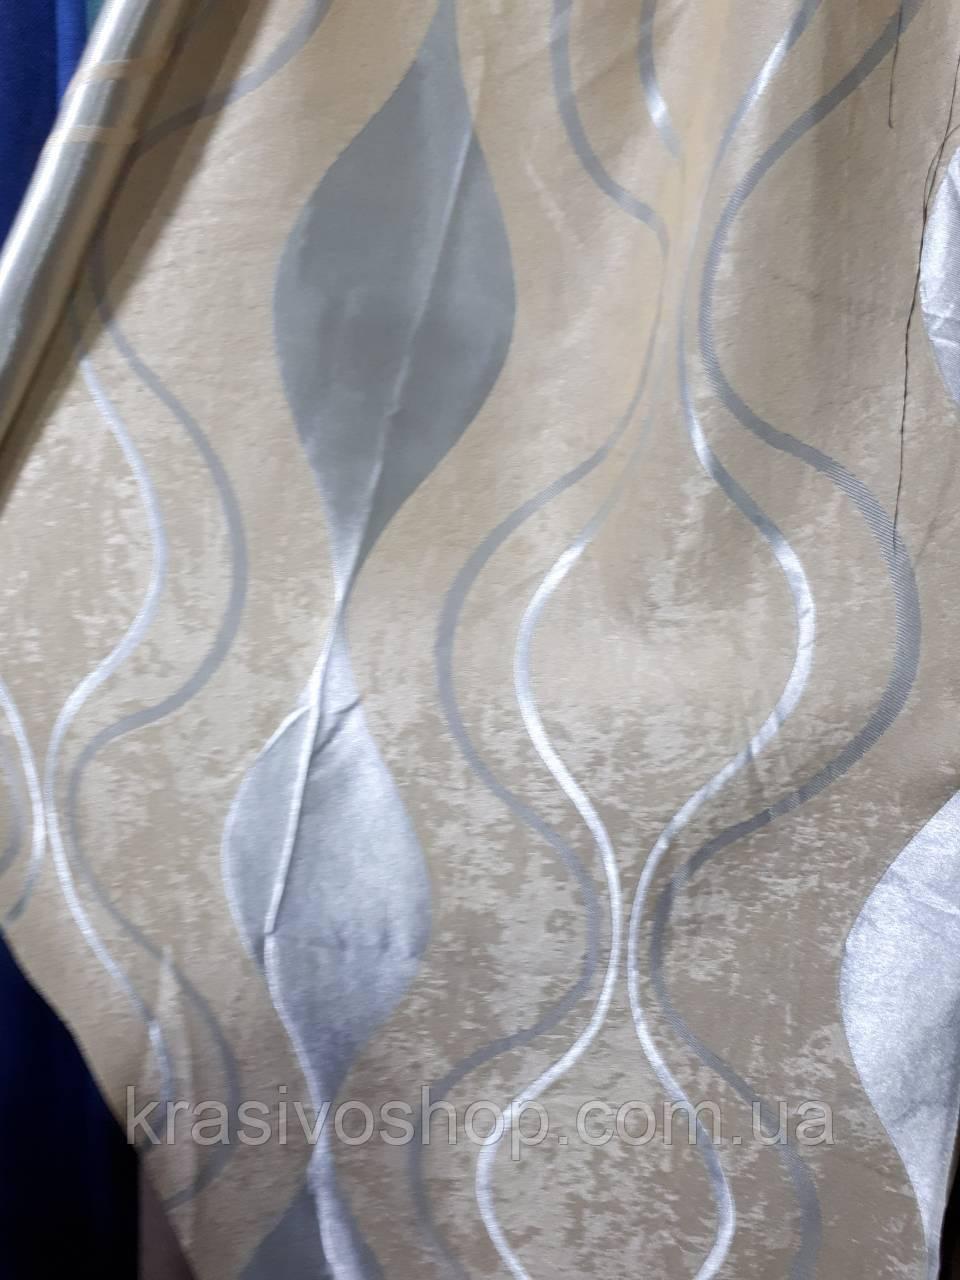 Ткань  блекаут  волна  светлый  беж